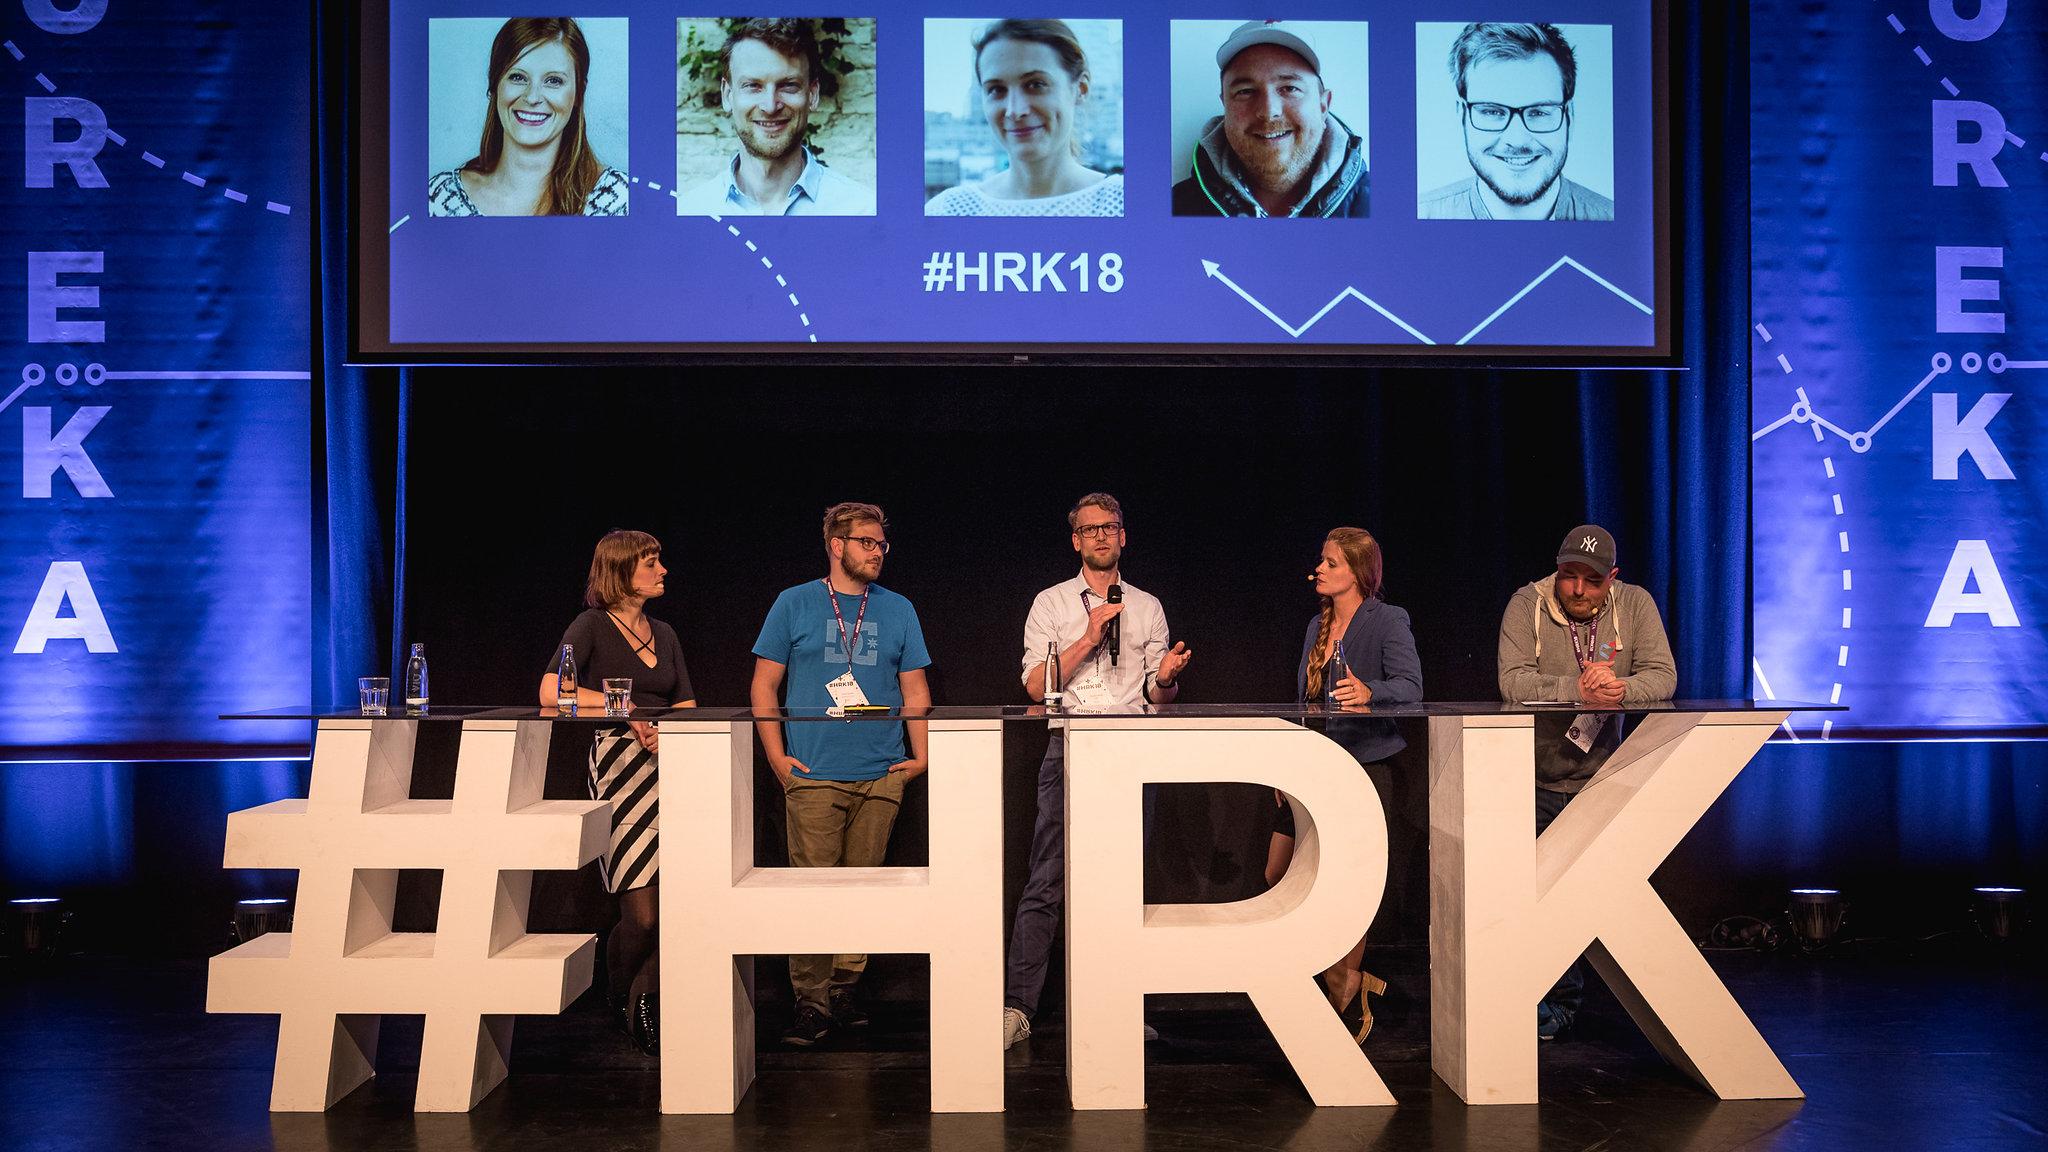 #HRK18